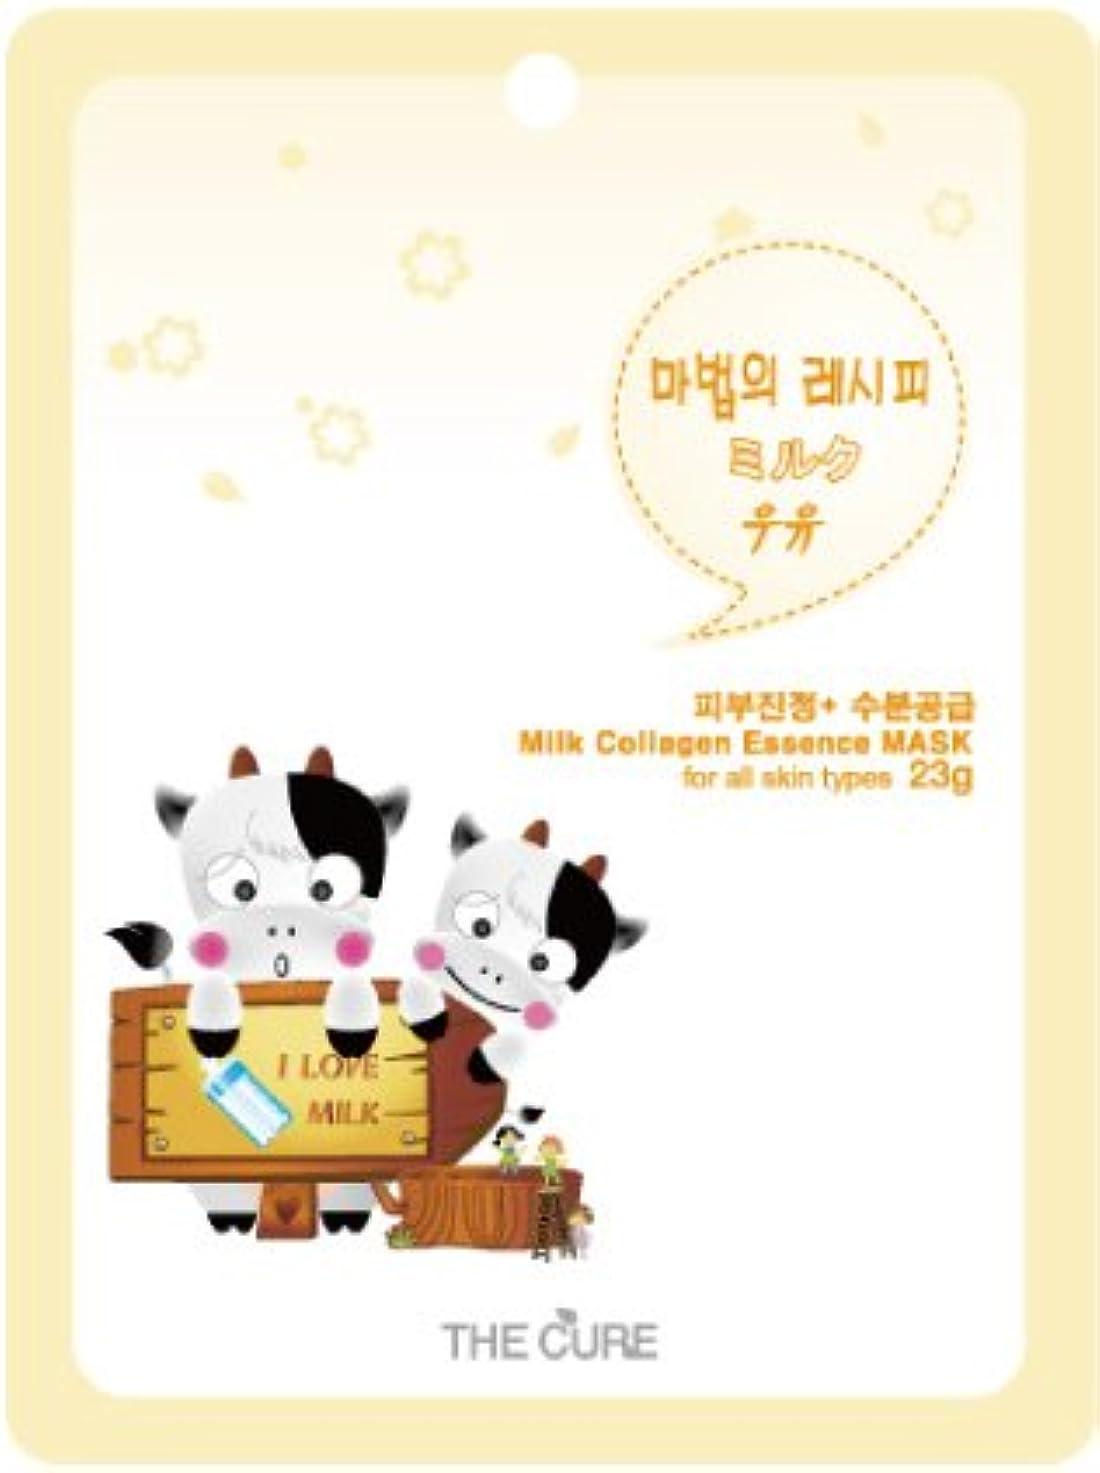 今後喜ぶ金額ミルク コラーゲン エッセンス マスク THE CURE シート パック 10枚セット 韓国 コスメ 乾燥肌 オイリー肌 混合肌